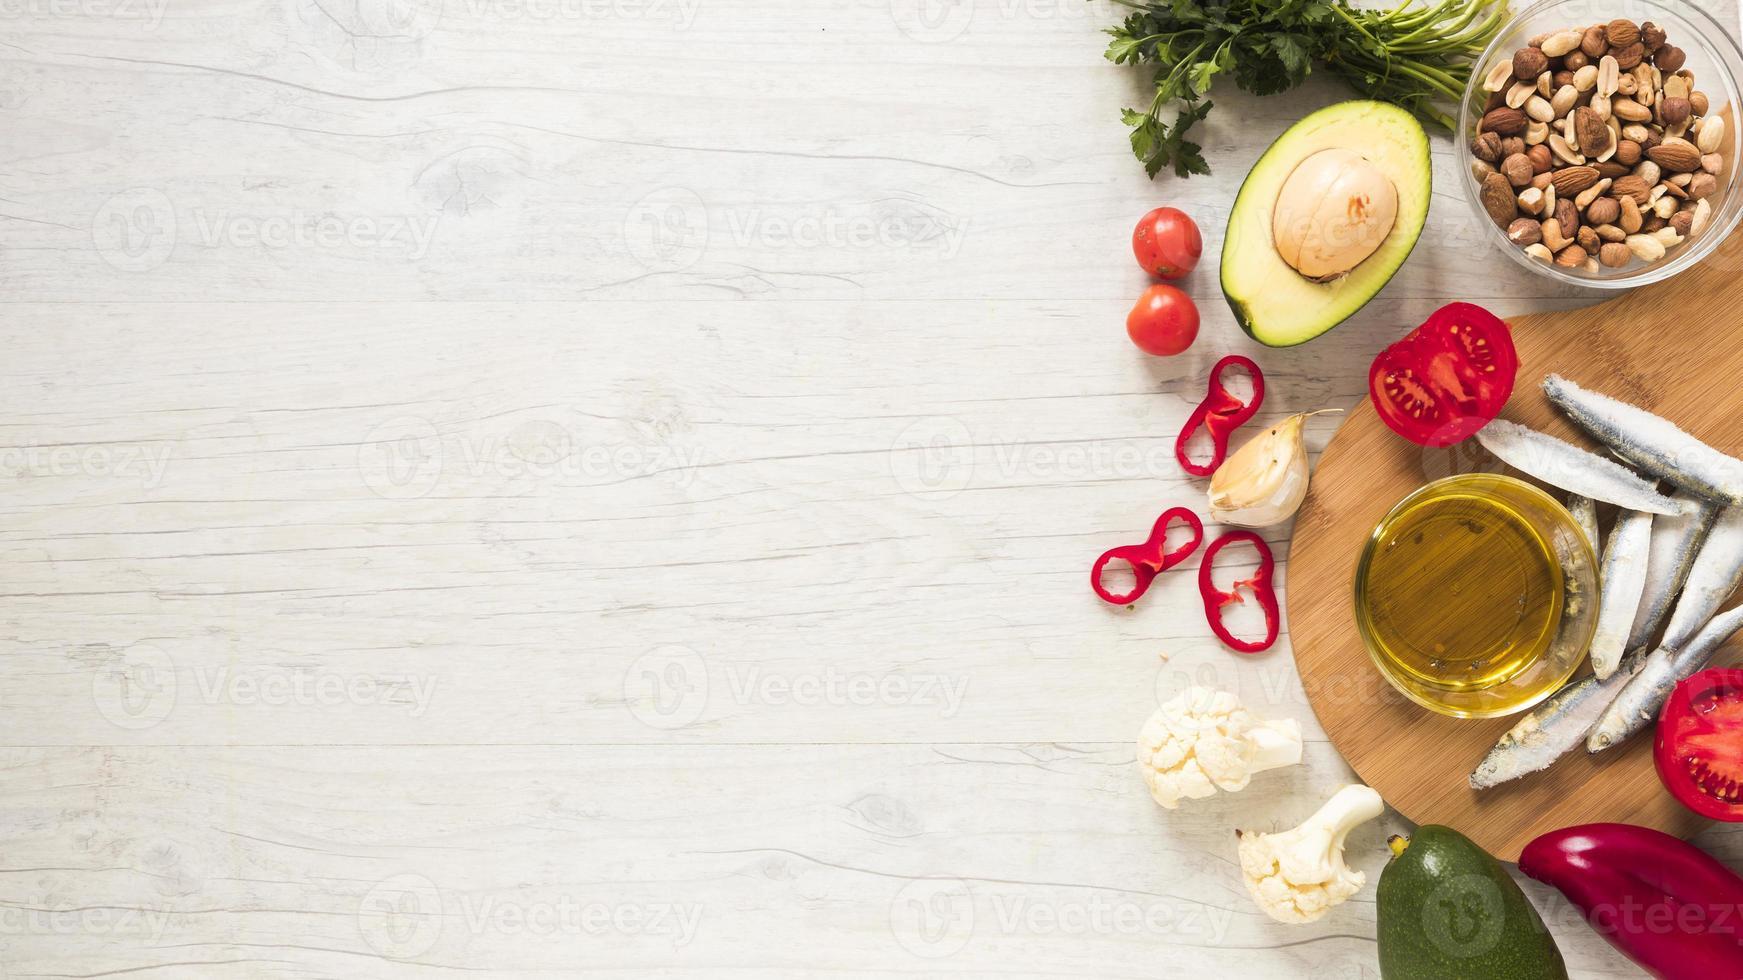 gezonde groenten en gedroogd fruit met olie en rauwe vis op houten tafel foto